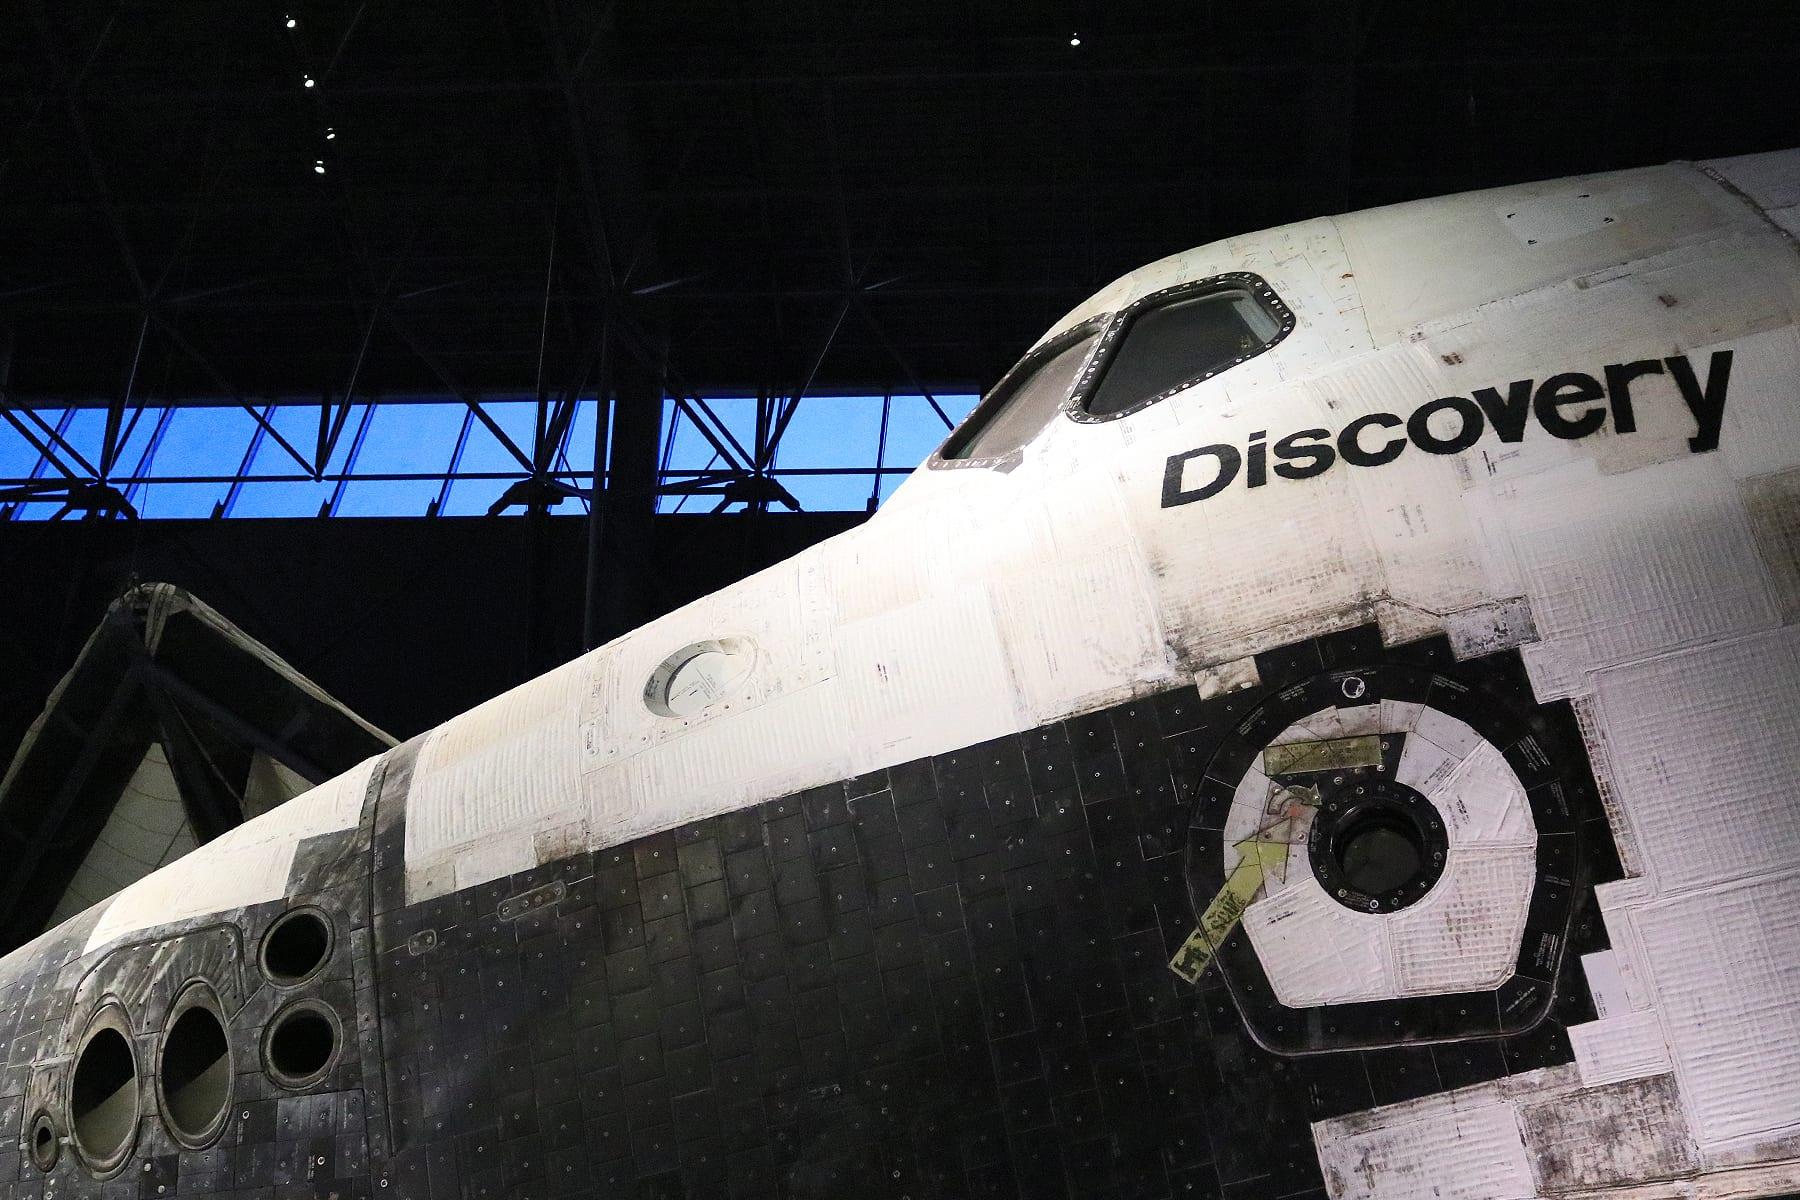 journey-11-VA-airspacemuseum06.jpg